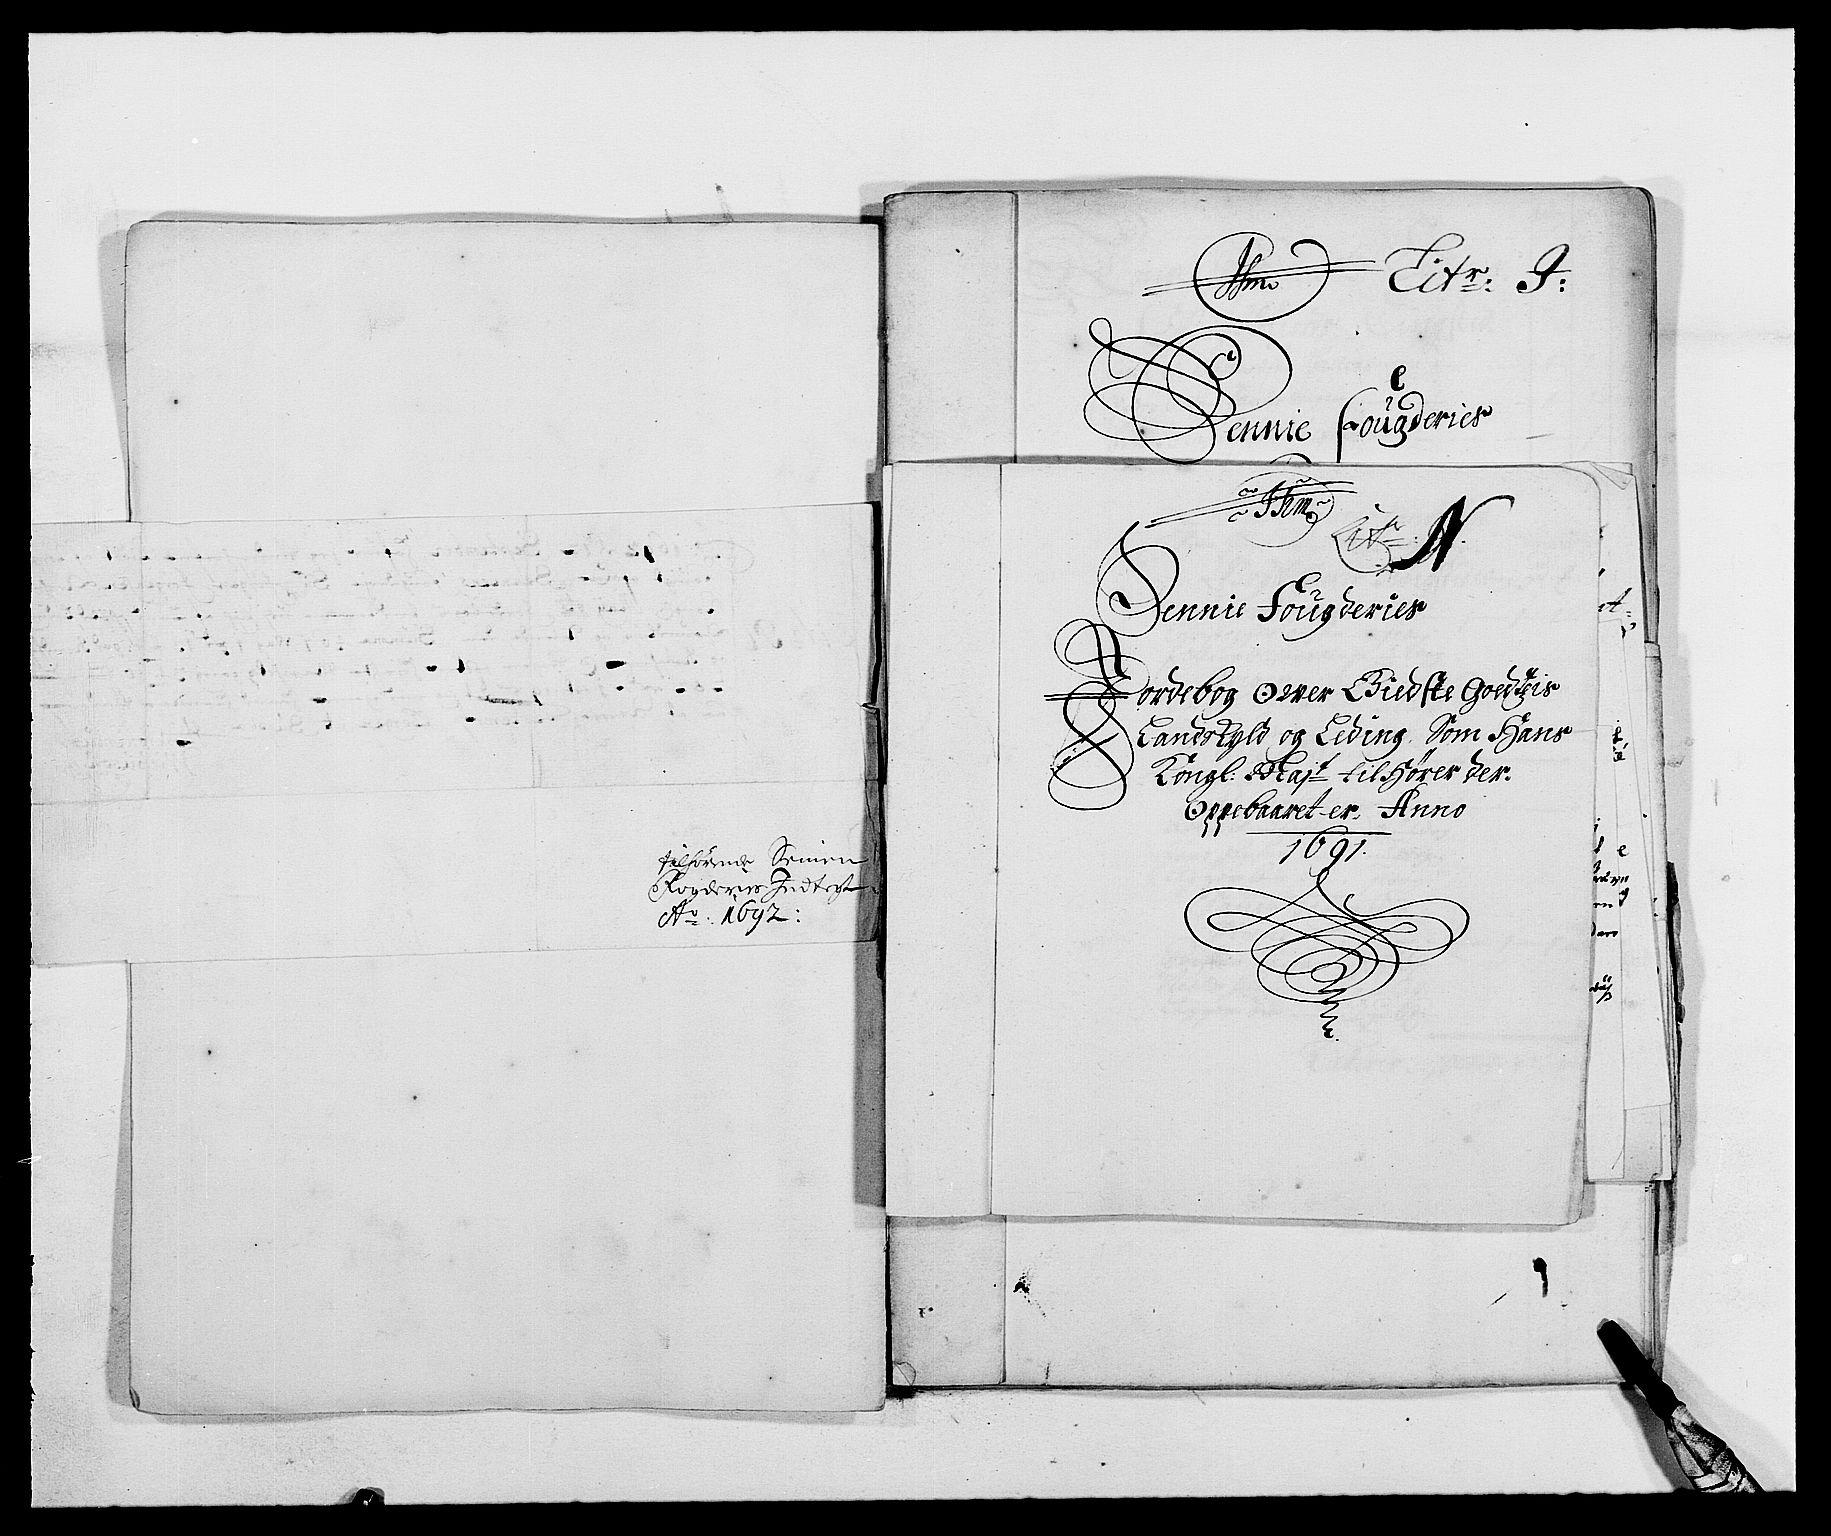 RA, Rentekammeret inntil 1814, Reviderte regnskaper, Fogderegnskap, R68/L4752: Fogderegnskap Senja og Troms, 1691-1693, s. 249